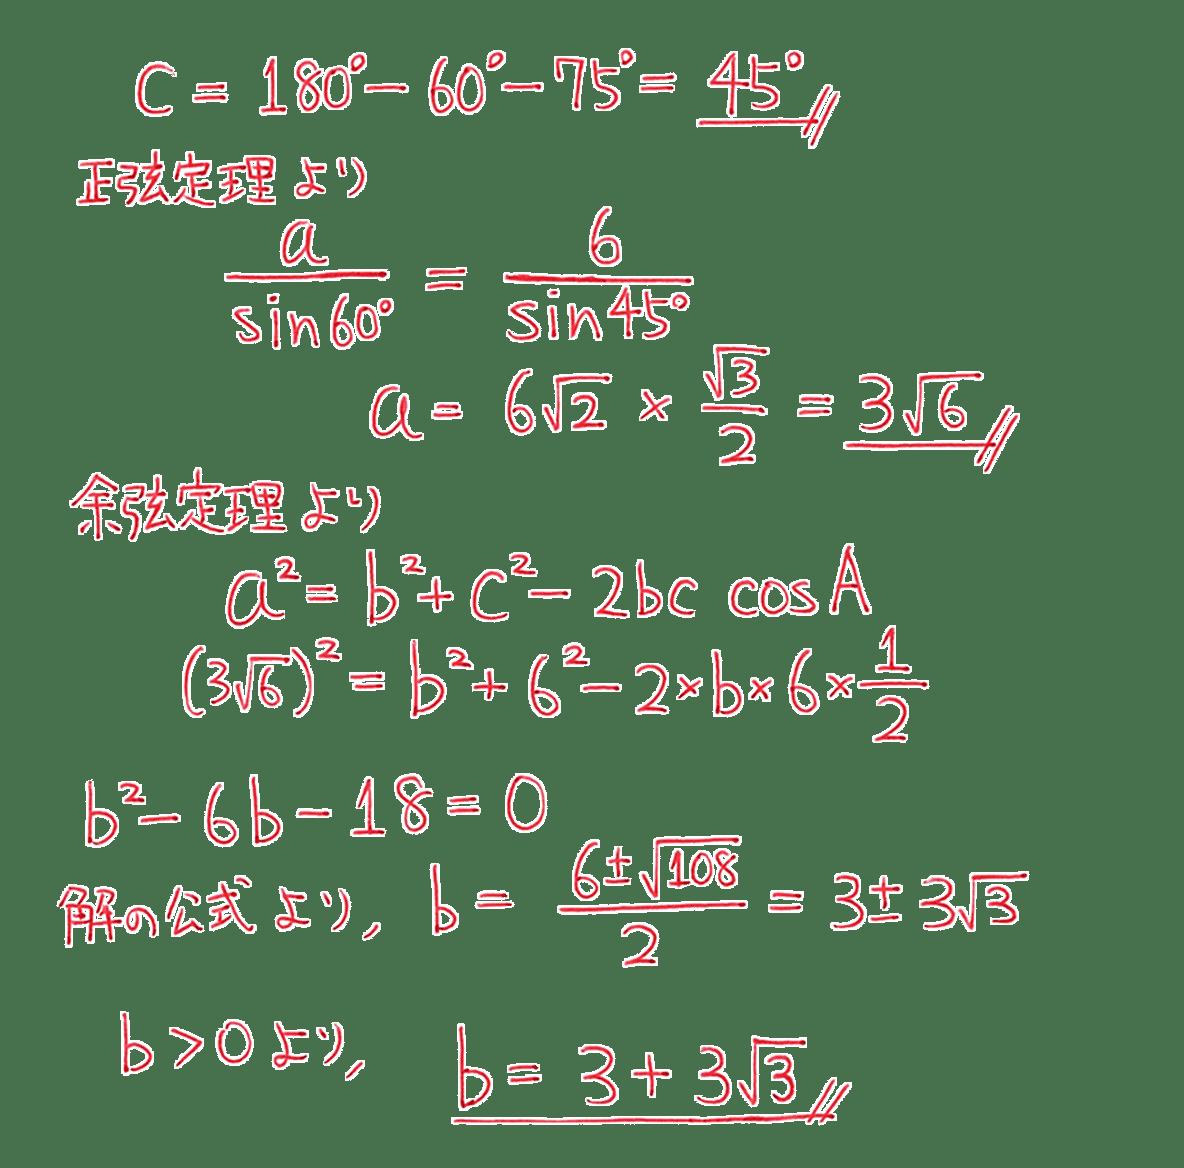 高校数学Ⅰ 三角比26 例題の答え